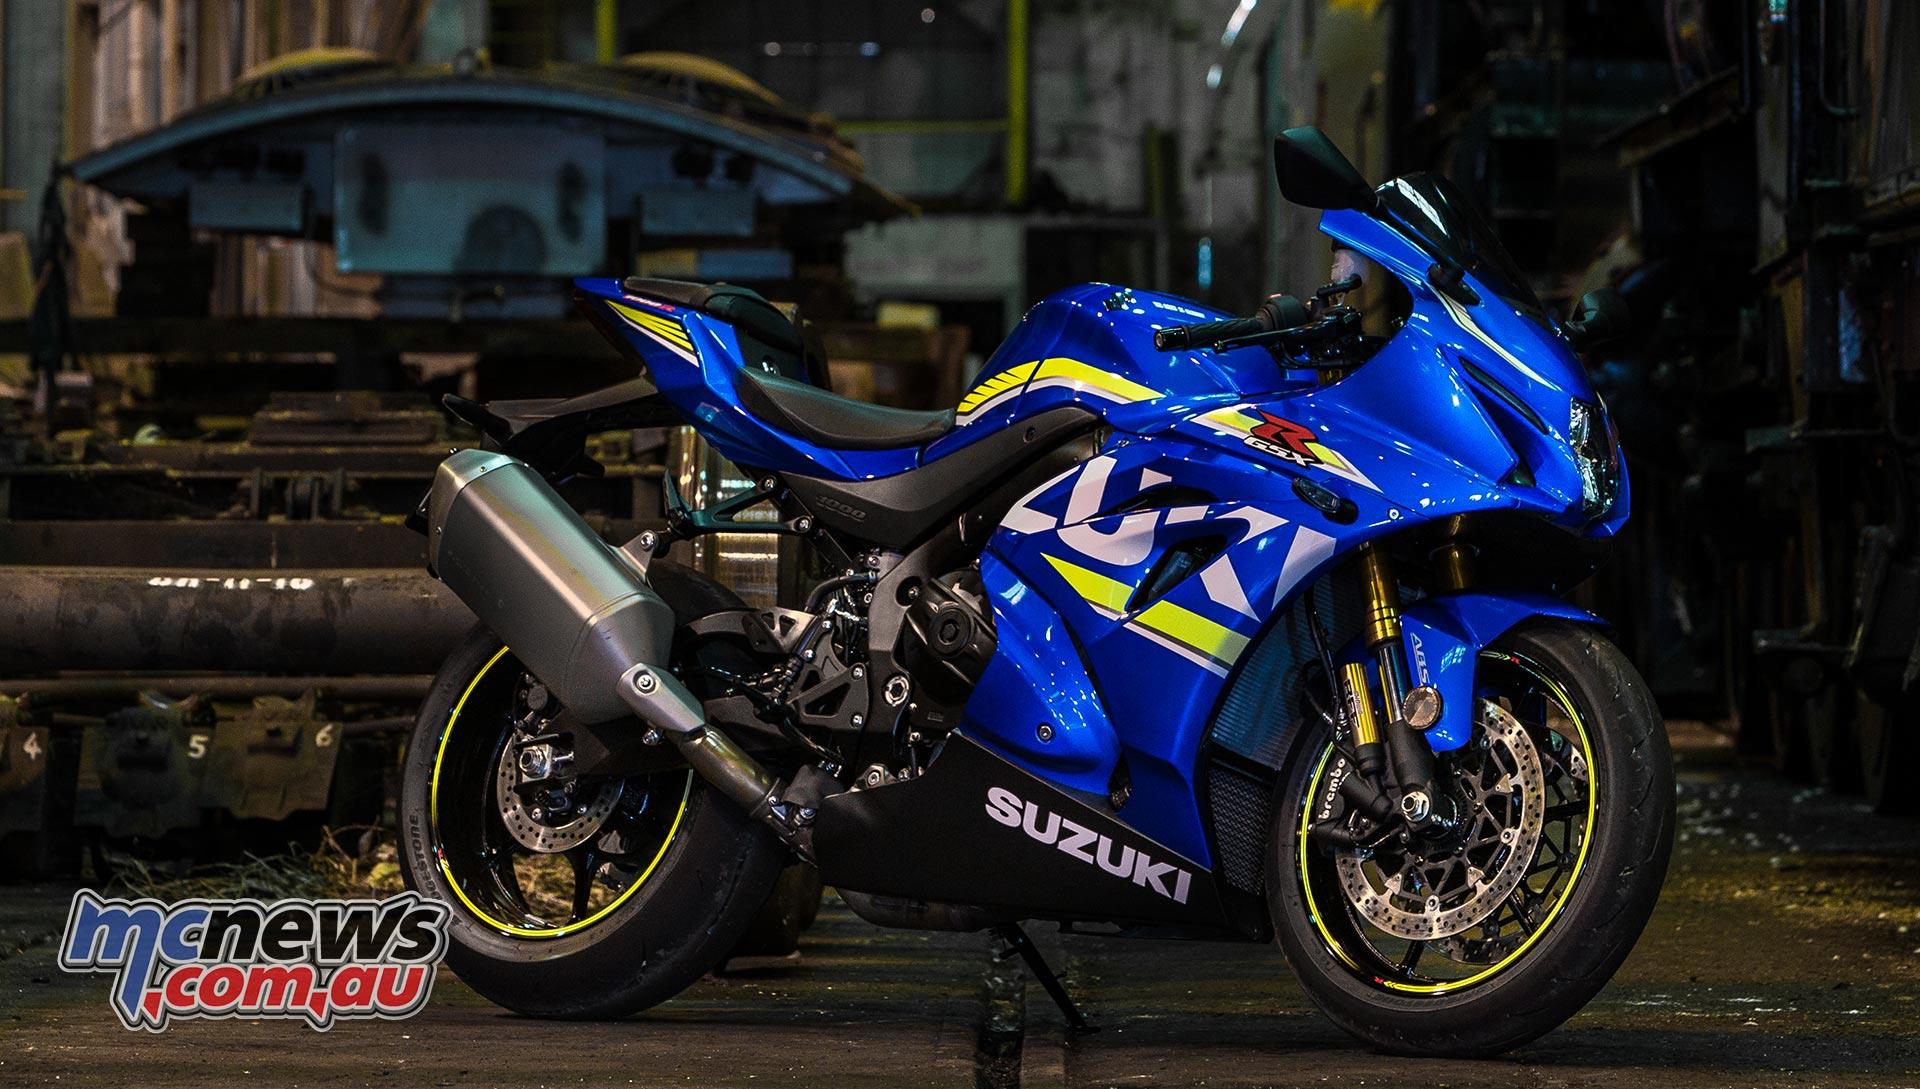 Suzuki Melbourne